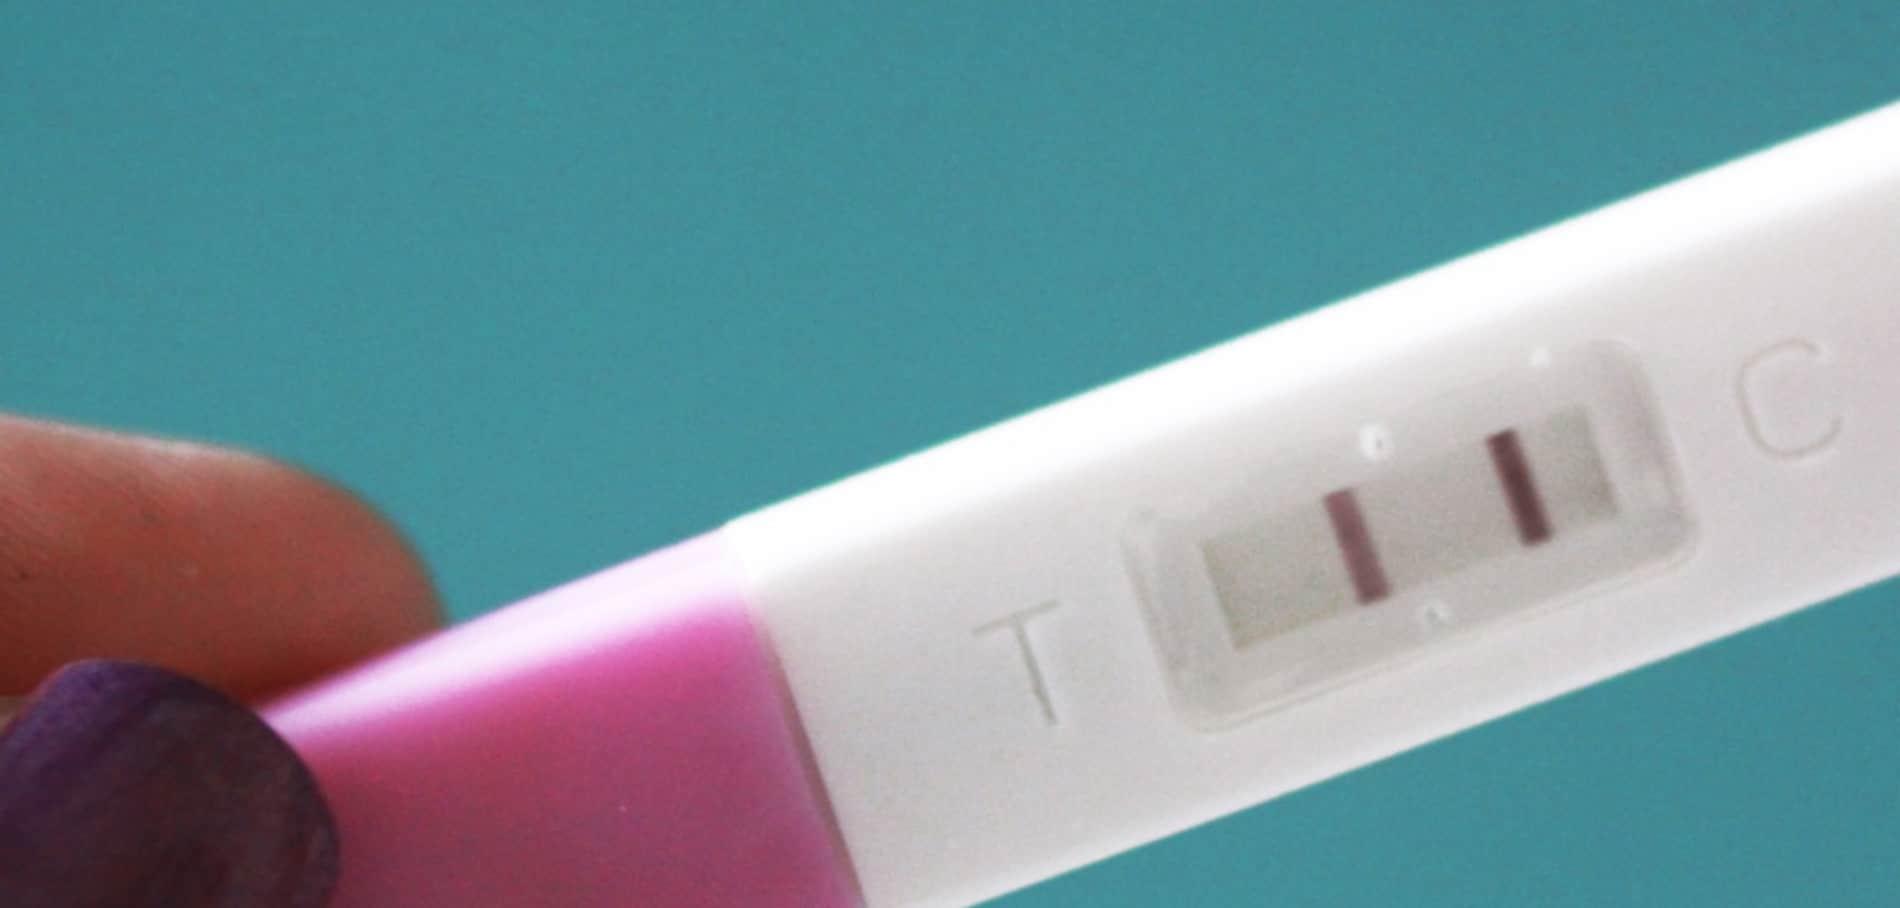 test de grossesse a faire n'importe quand